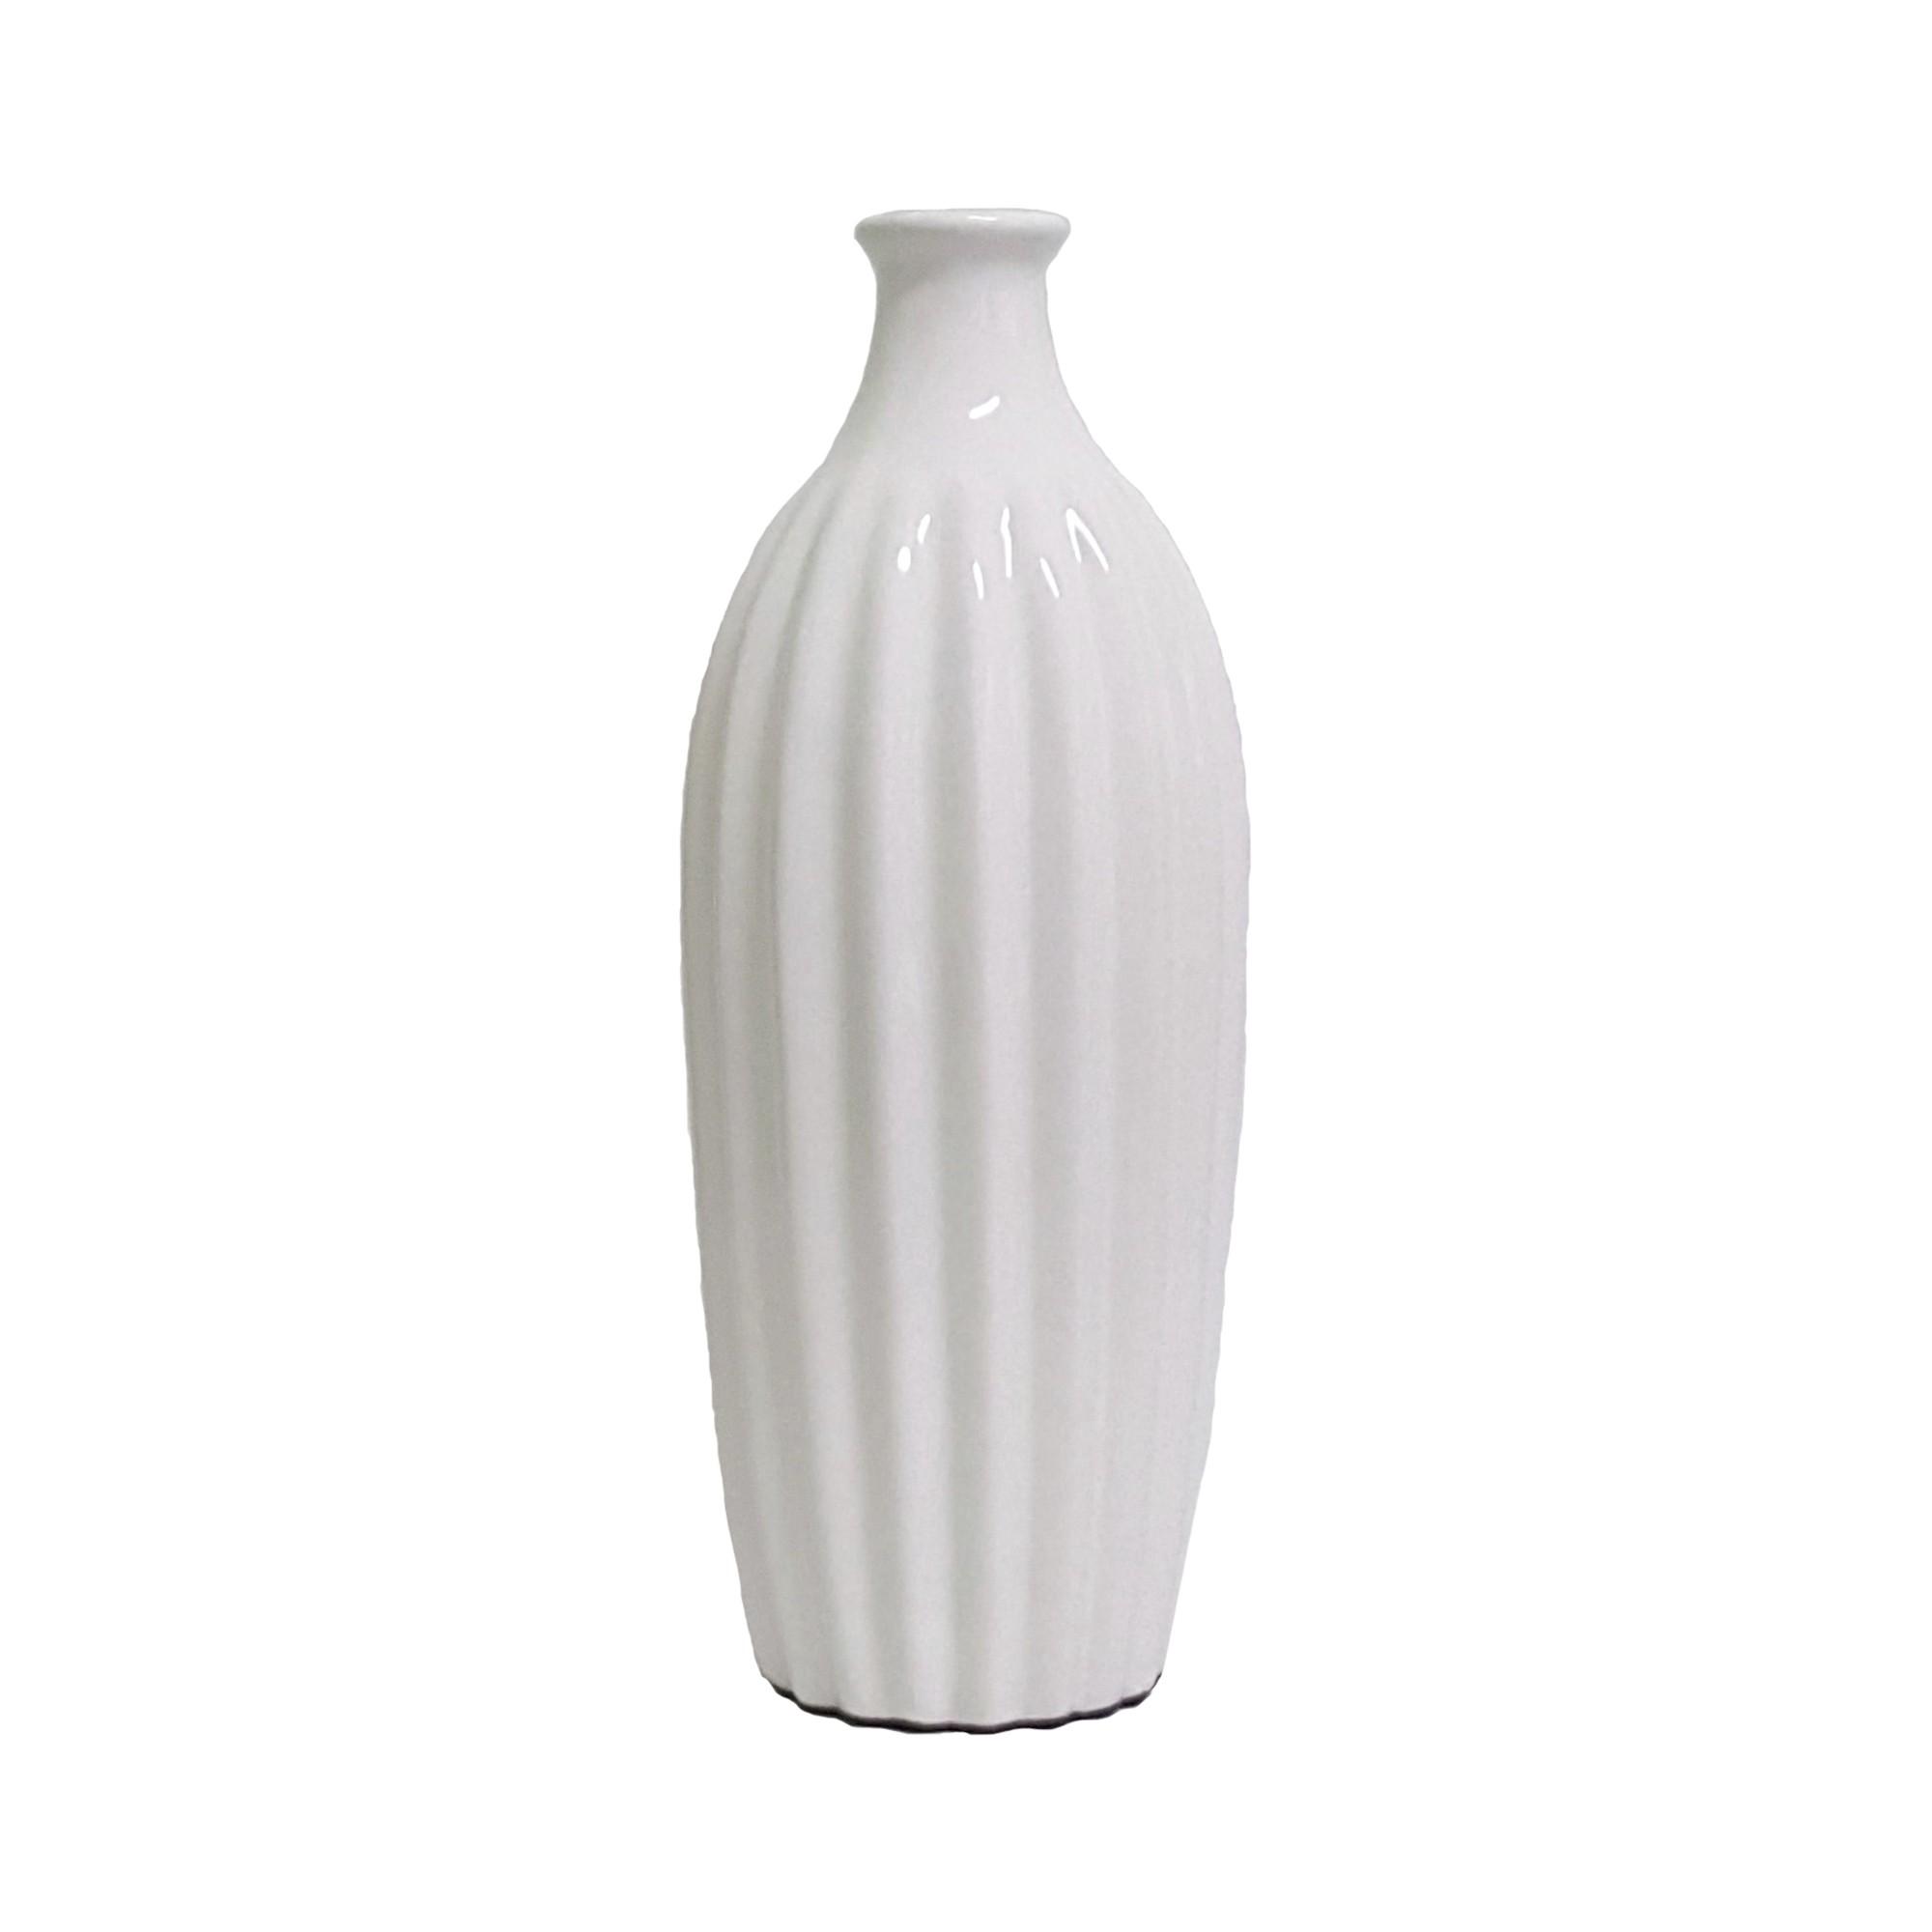 Vaso Decorativo de Ceramica Origami I 245 cm 89881 - Buzzio s